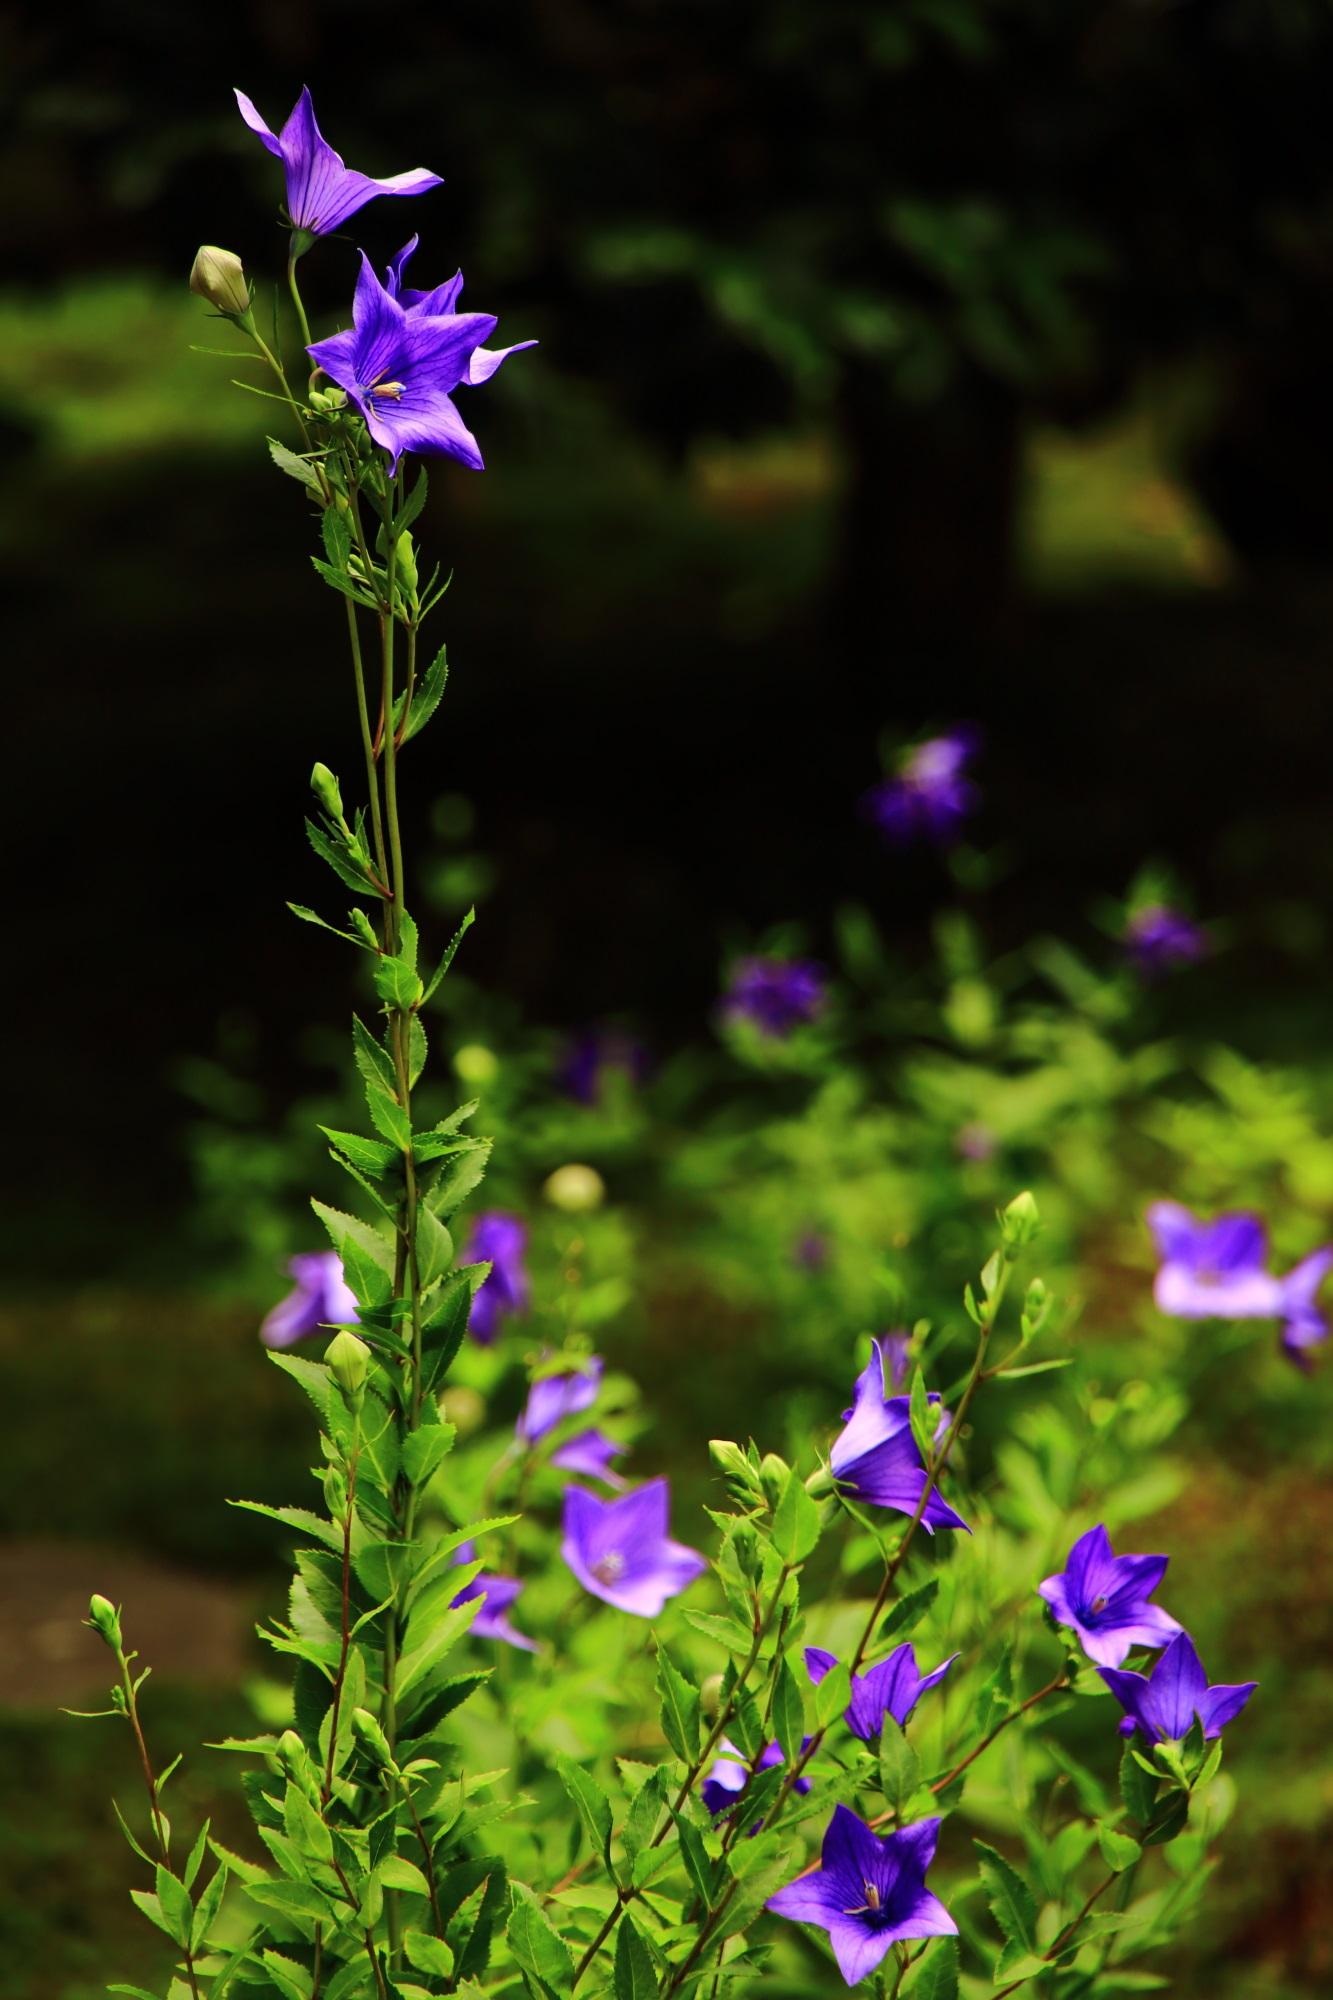 東福寺塔頭天得院の太陽を浴びて煌く紫の桔梗の花